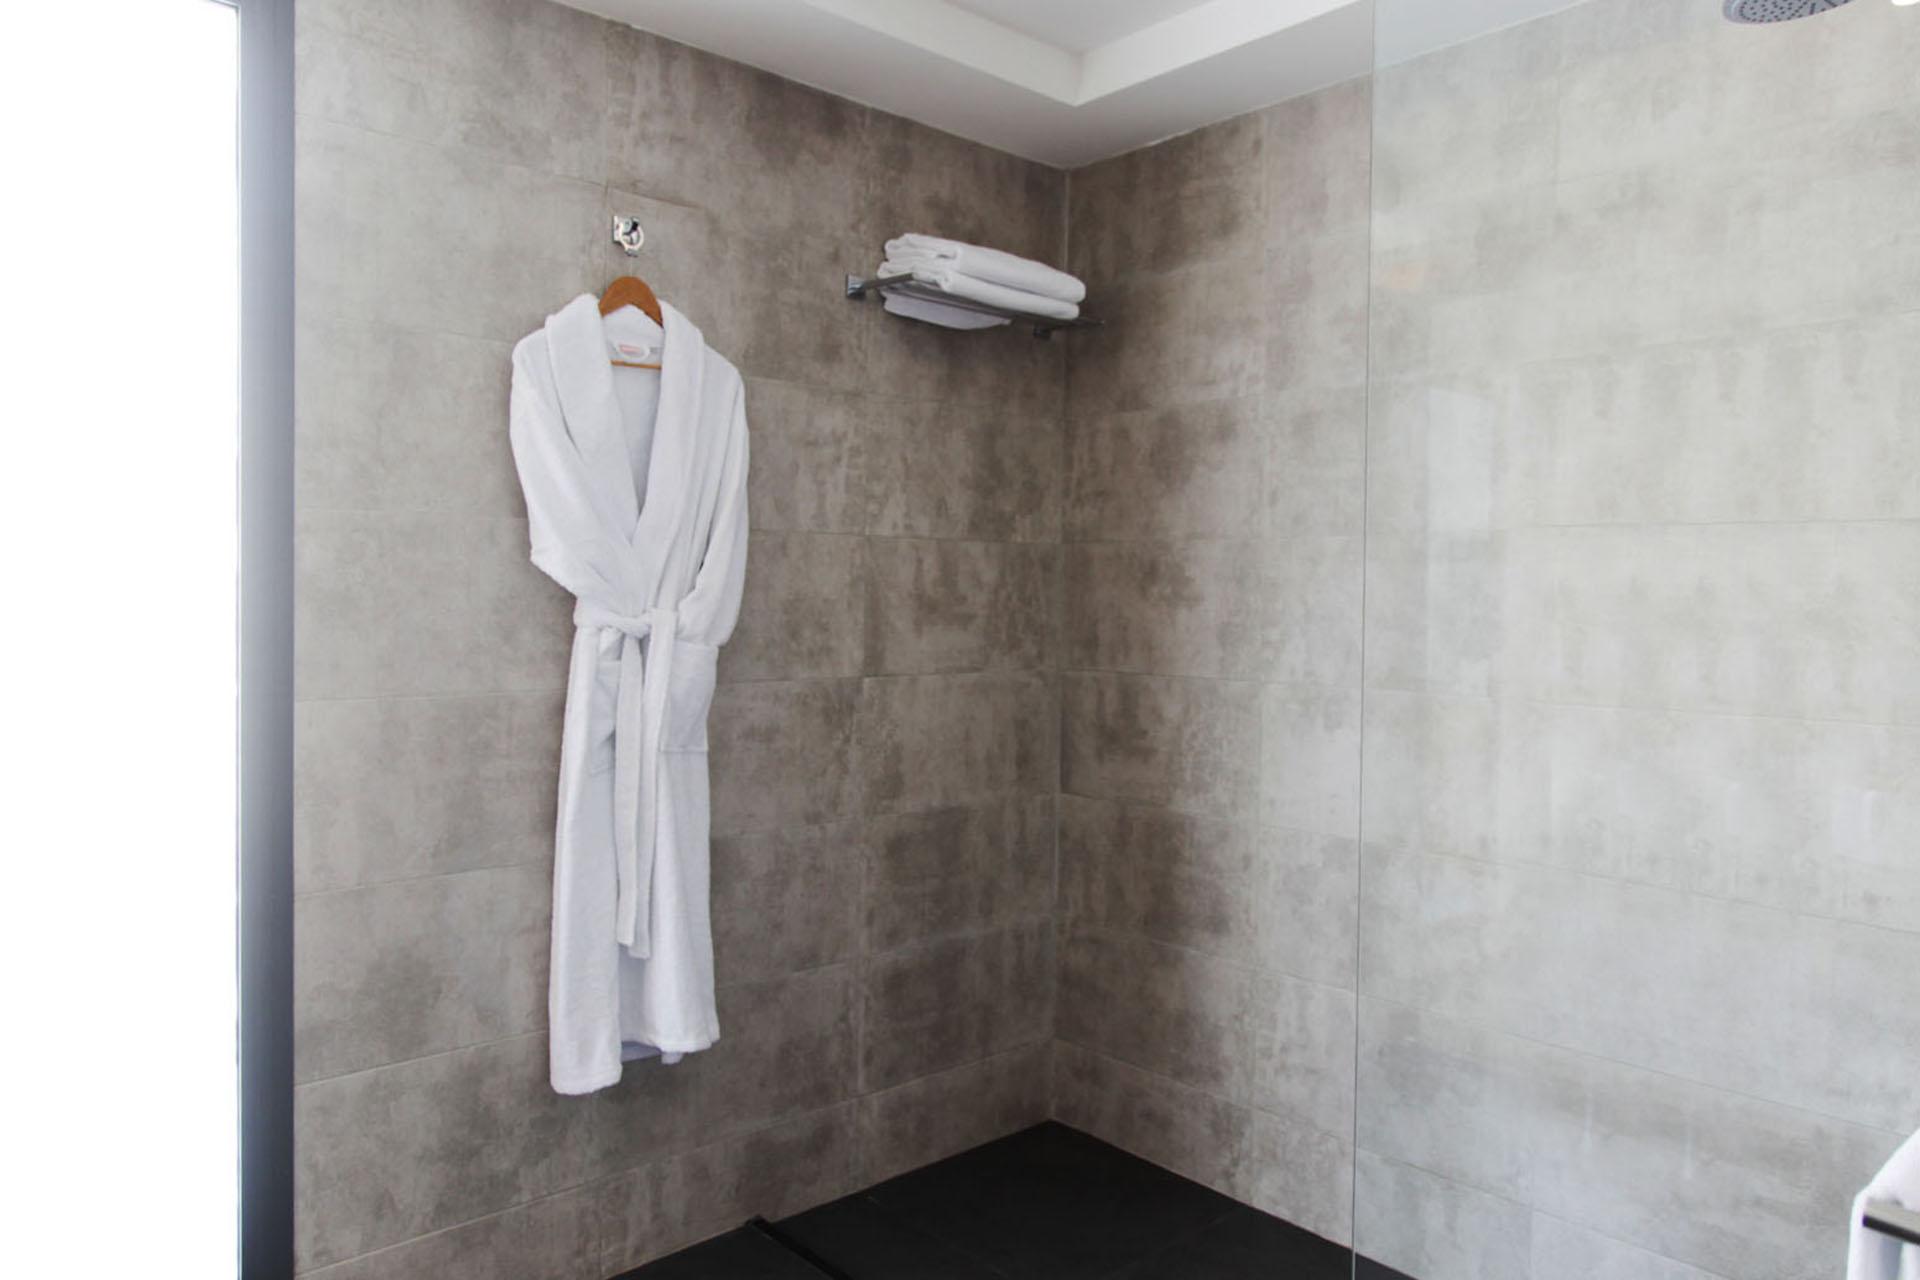 http://smartshotel.com/wp-content/uploads/2016/04/Suite-Bathroom-2.jpg